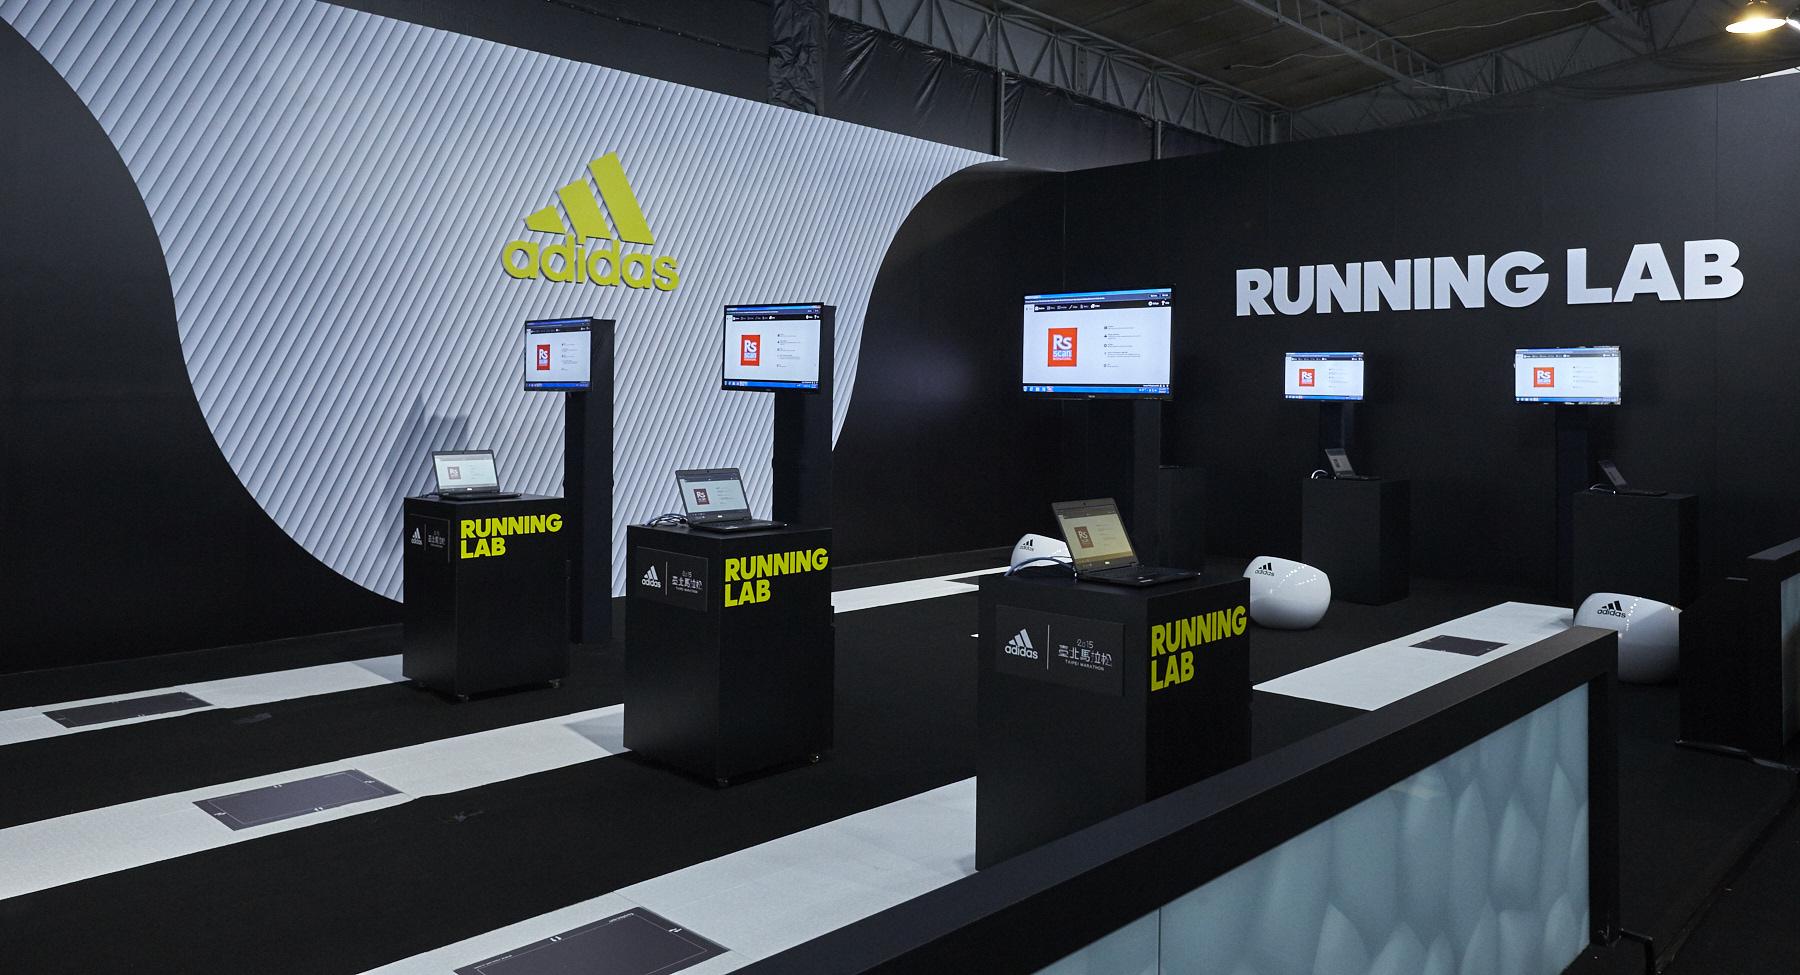 圖四:Running Lab動態足測區:完整移植日本專業服務,藉由足底壓力計分析跑者的足型特色、跑步時的落點和腳掌壓力分佈,協助跑者找出適合自己的跑鞋類型。(adidas提供)